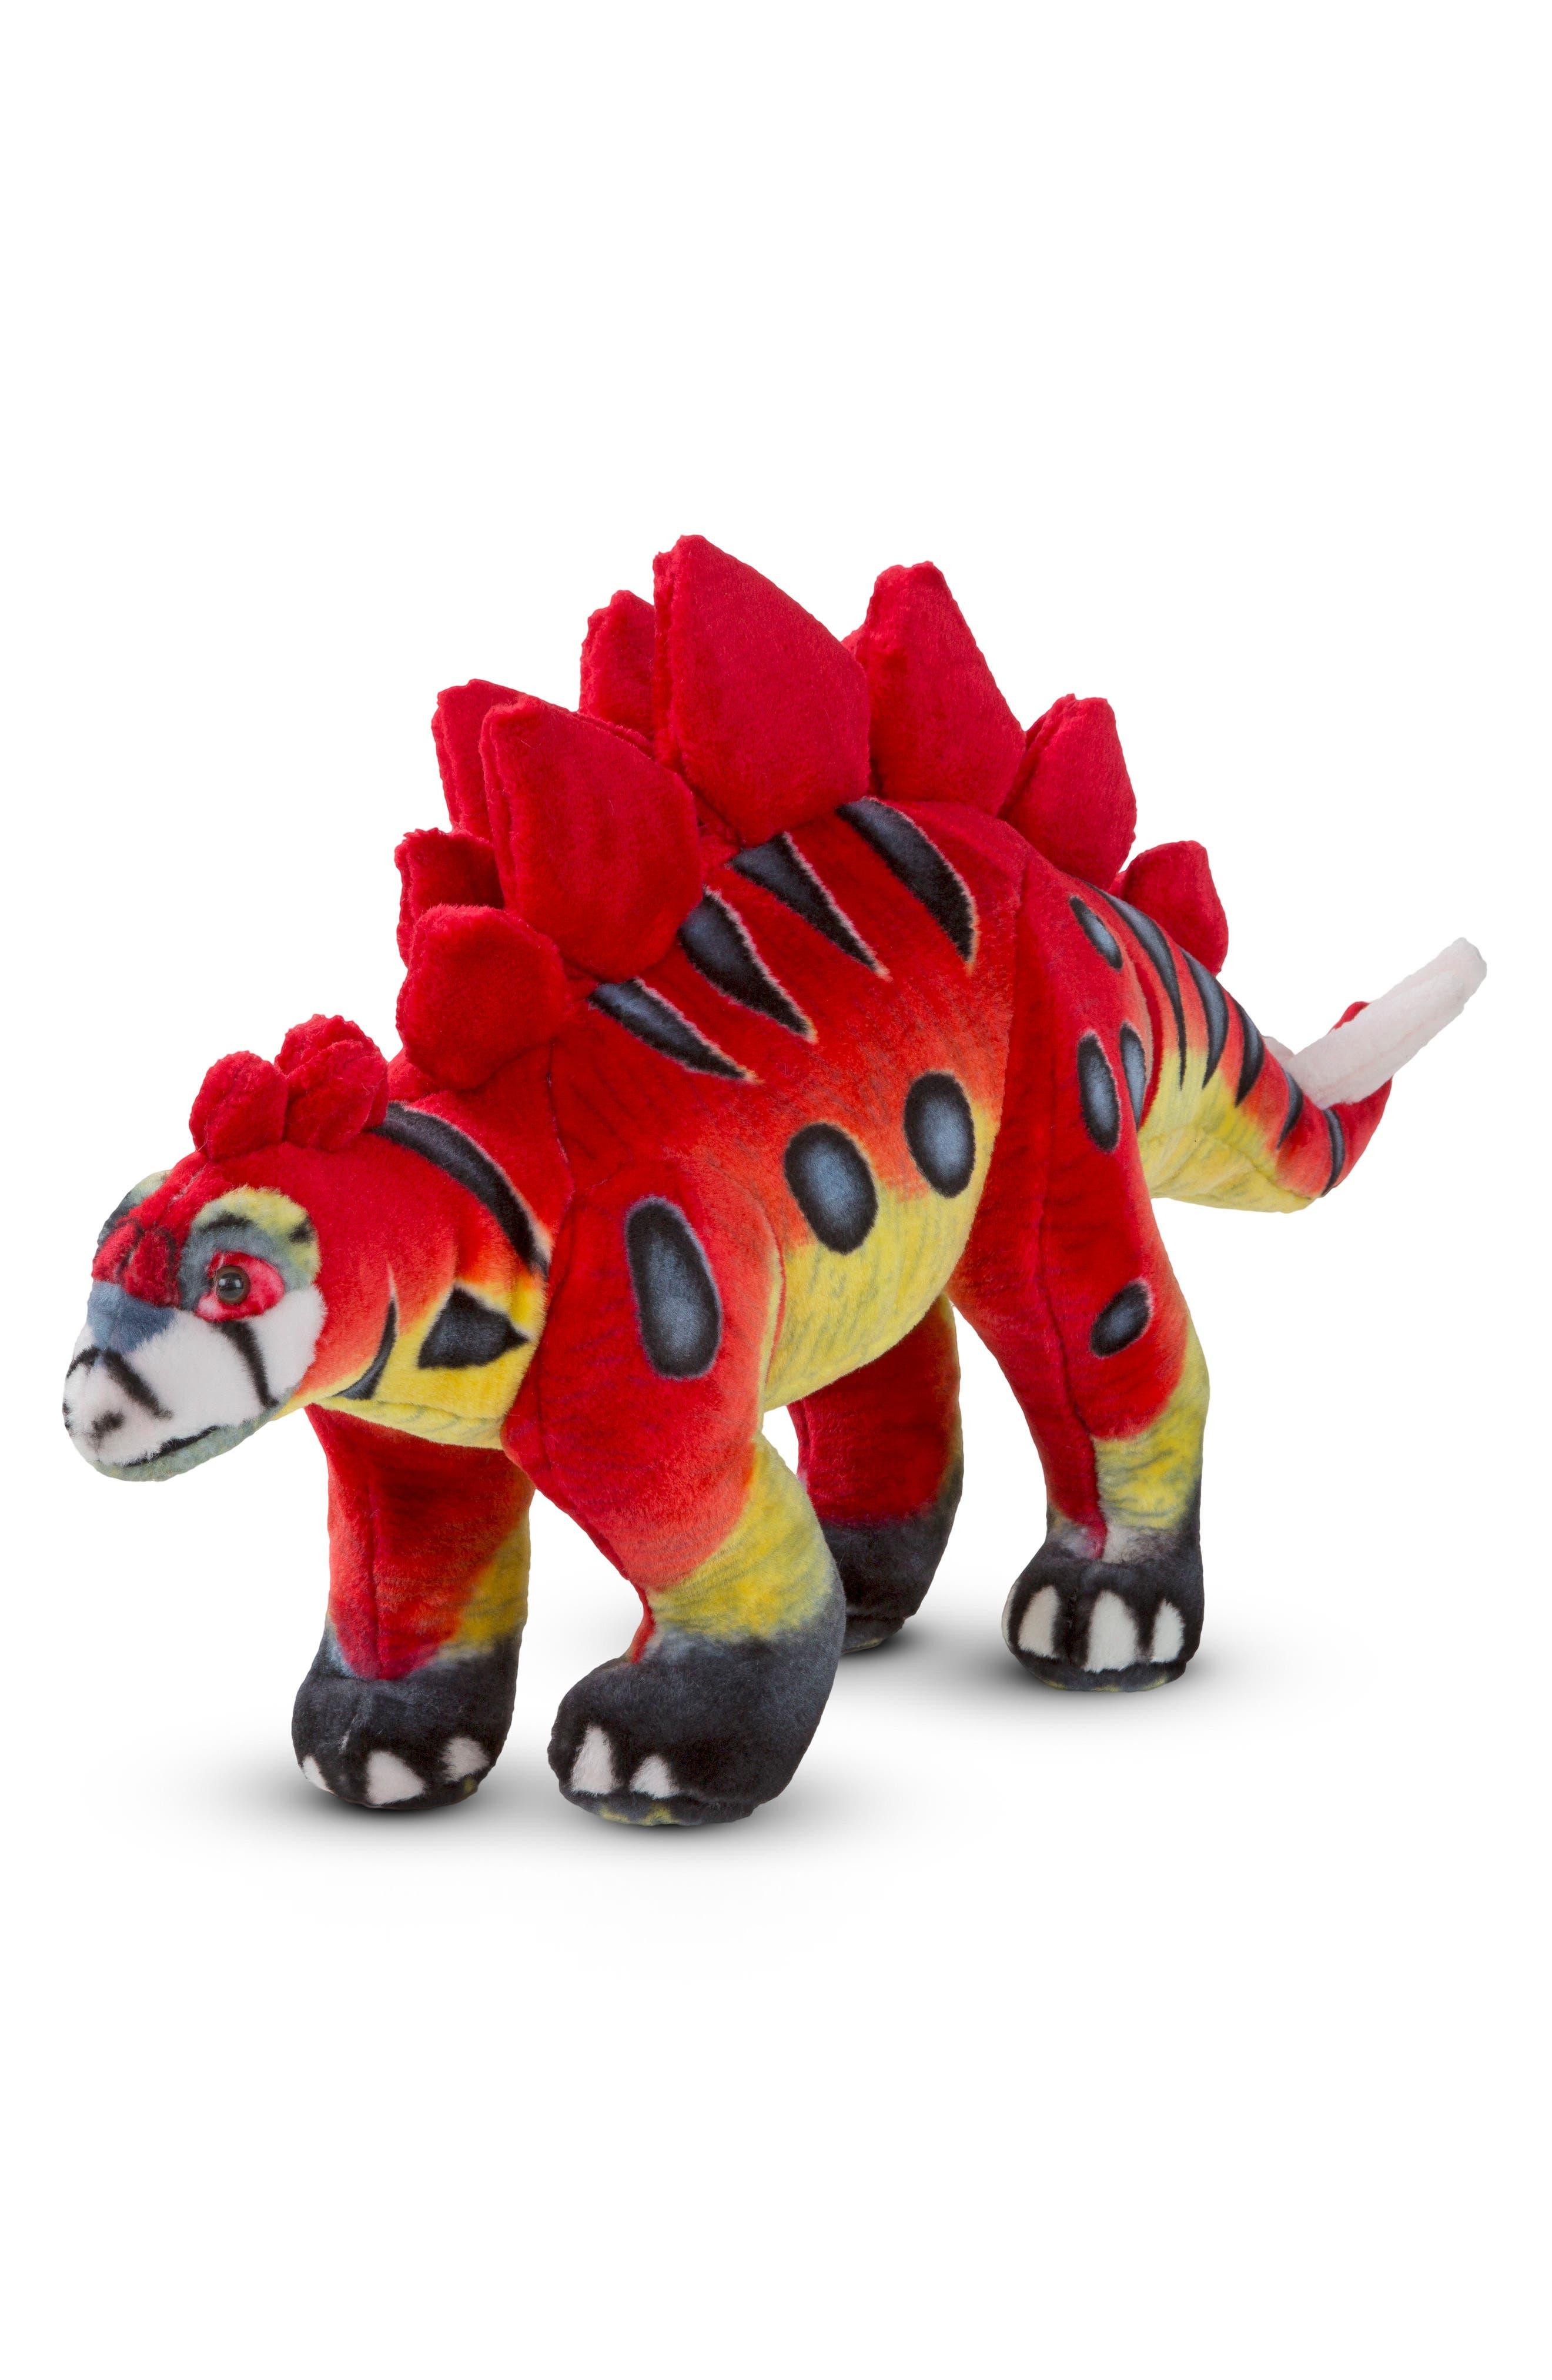 Alternate Image 1 Selected - Melissa & Doug Giant Stegosaurus Plush